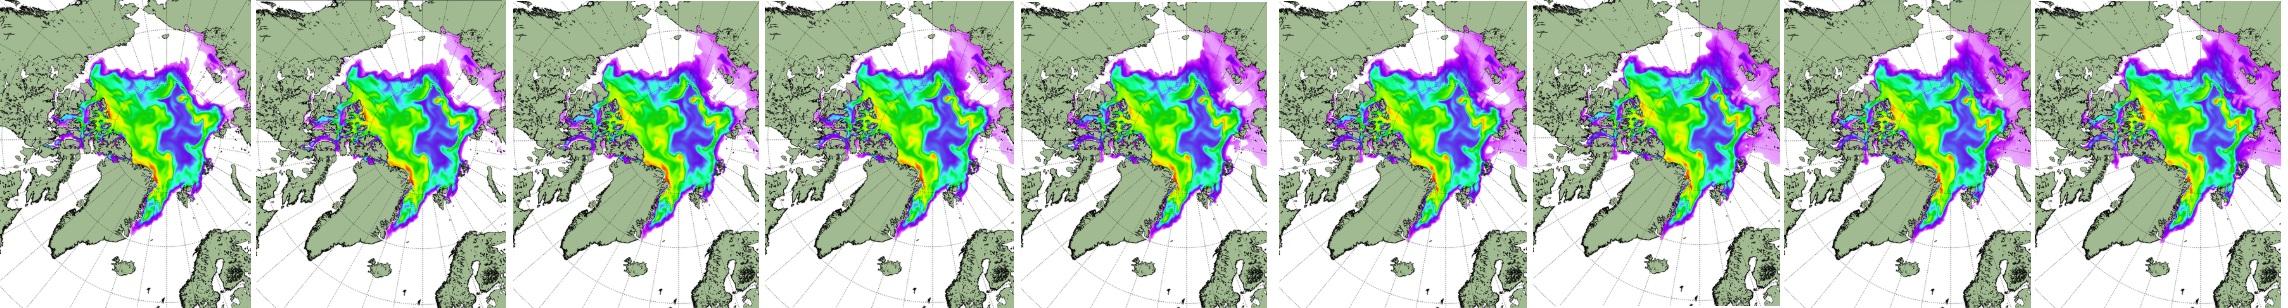 Arktis tillväxt 26 okt till 5 november